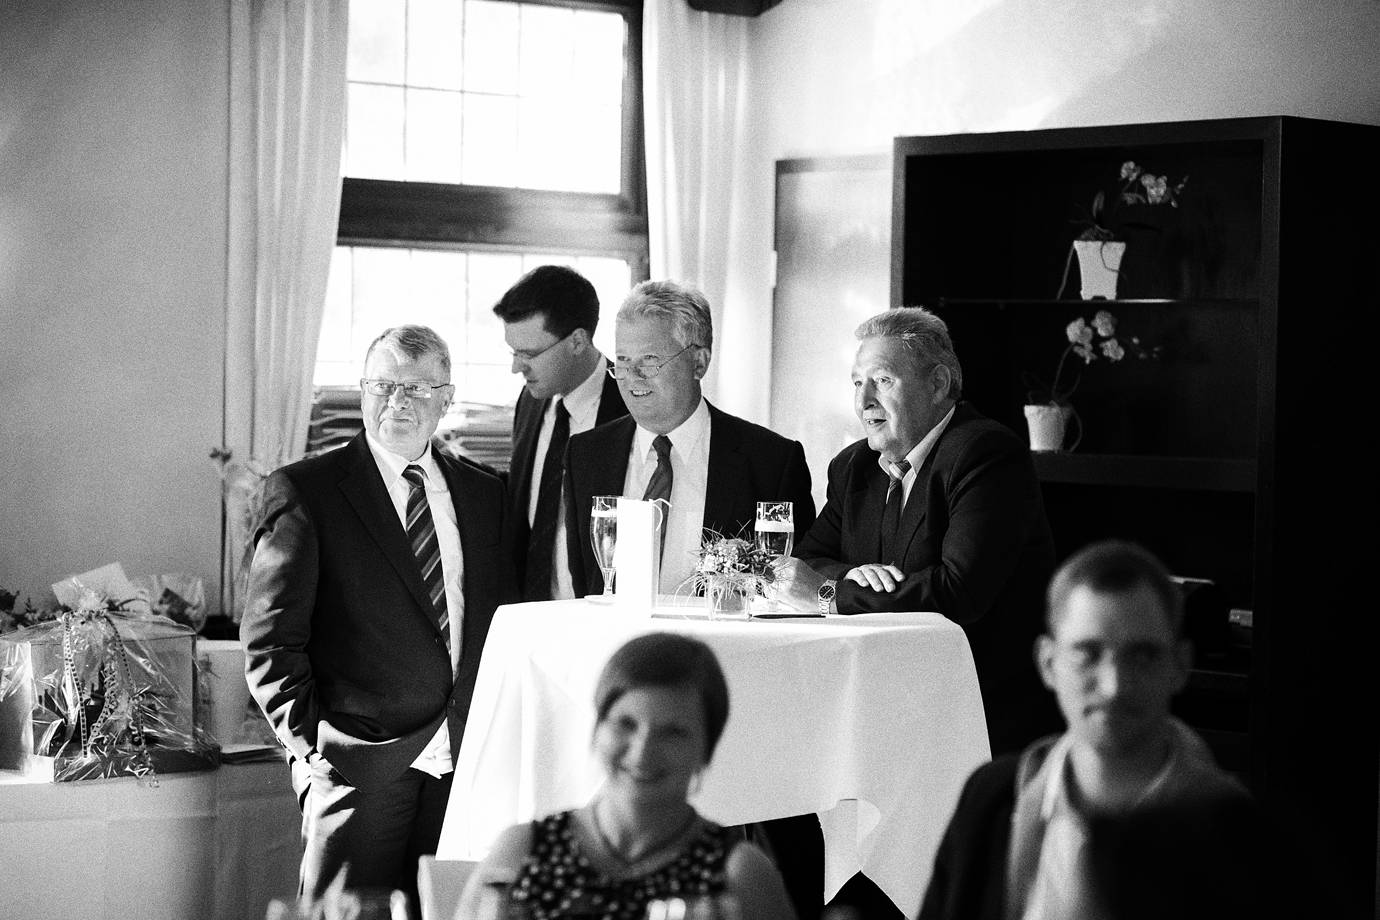 hochzeitsfotograf bremen 121 - Mareike+Lasse